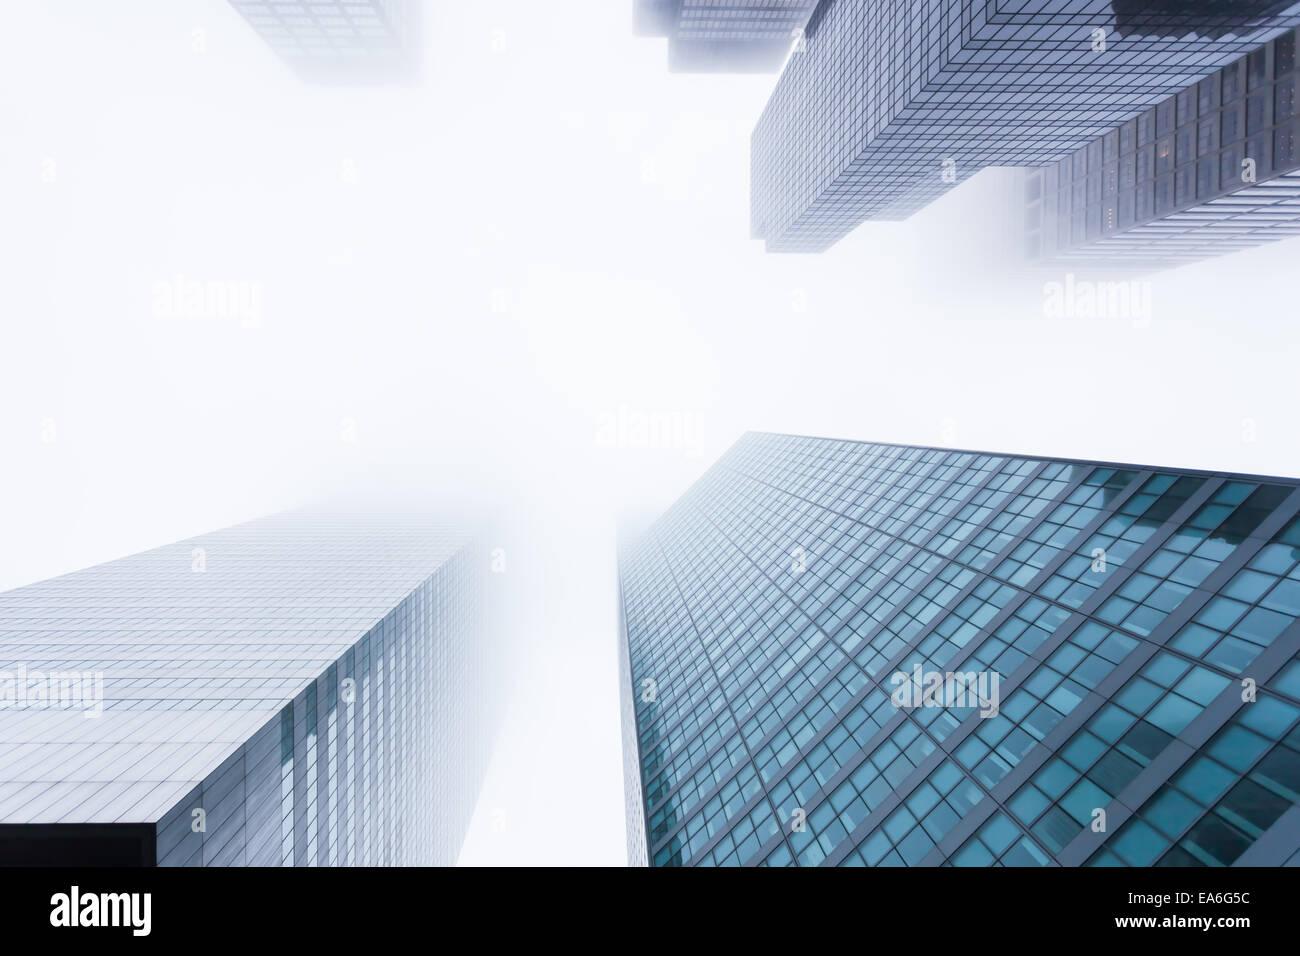 Stati Uniti d'America, nello Stato di New York, New York City, Manhattan, vista dei grattacieli nella nebbia Immagini Stock